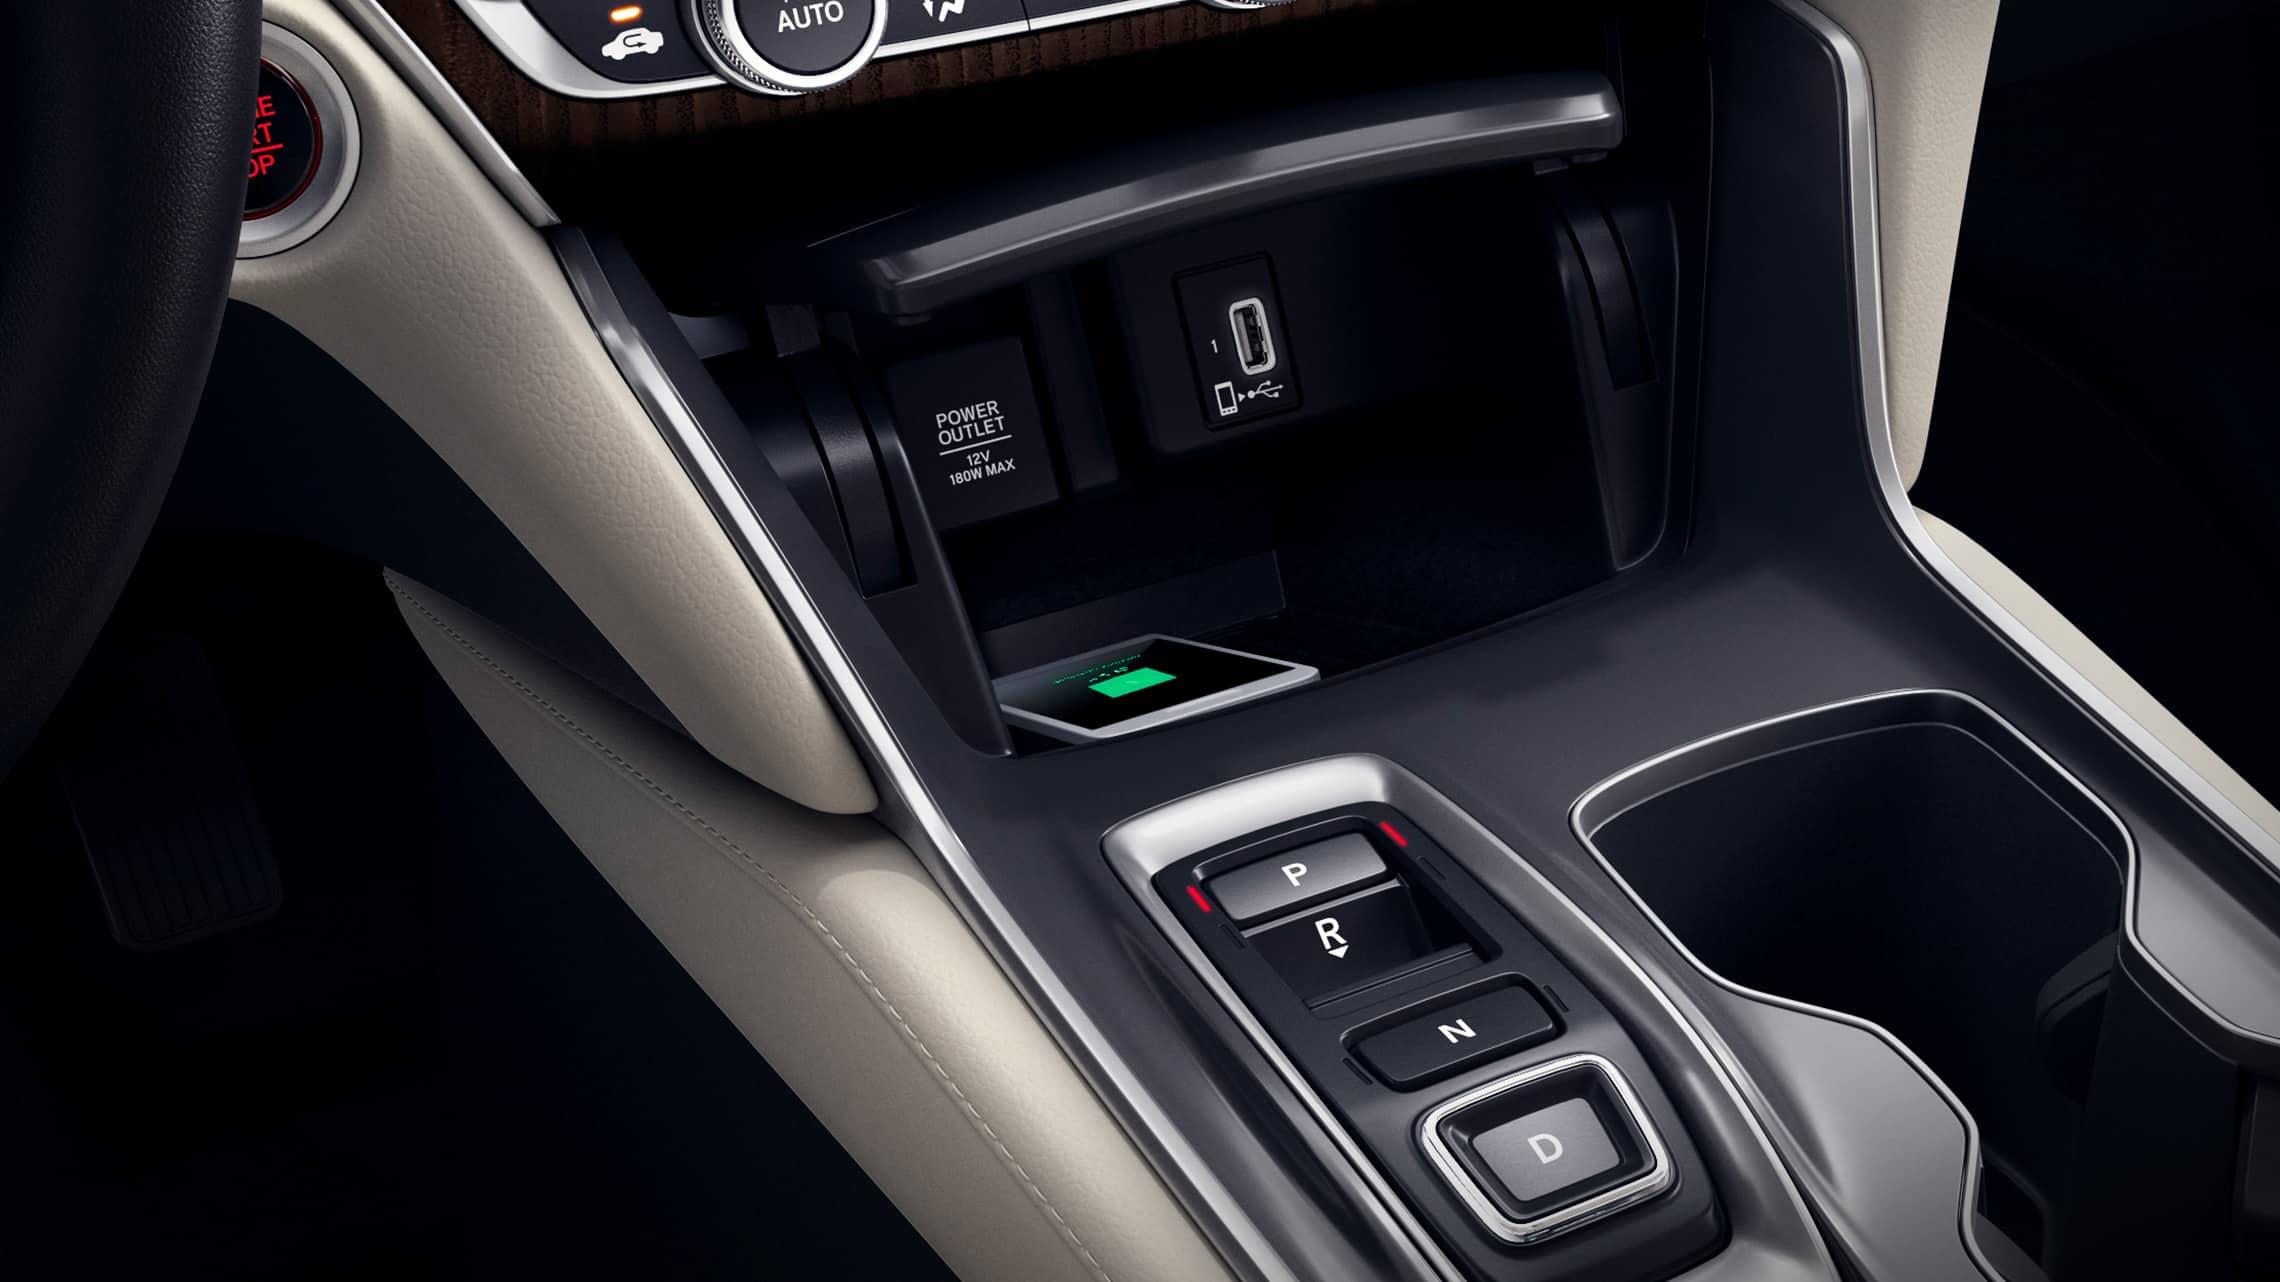 Detalle del cargador de teléfono inalámbrico en el Honda Accord Touring2.0T2020 con Ivory Leather.